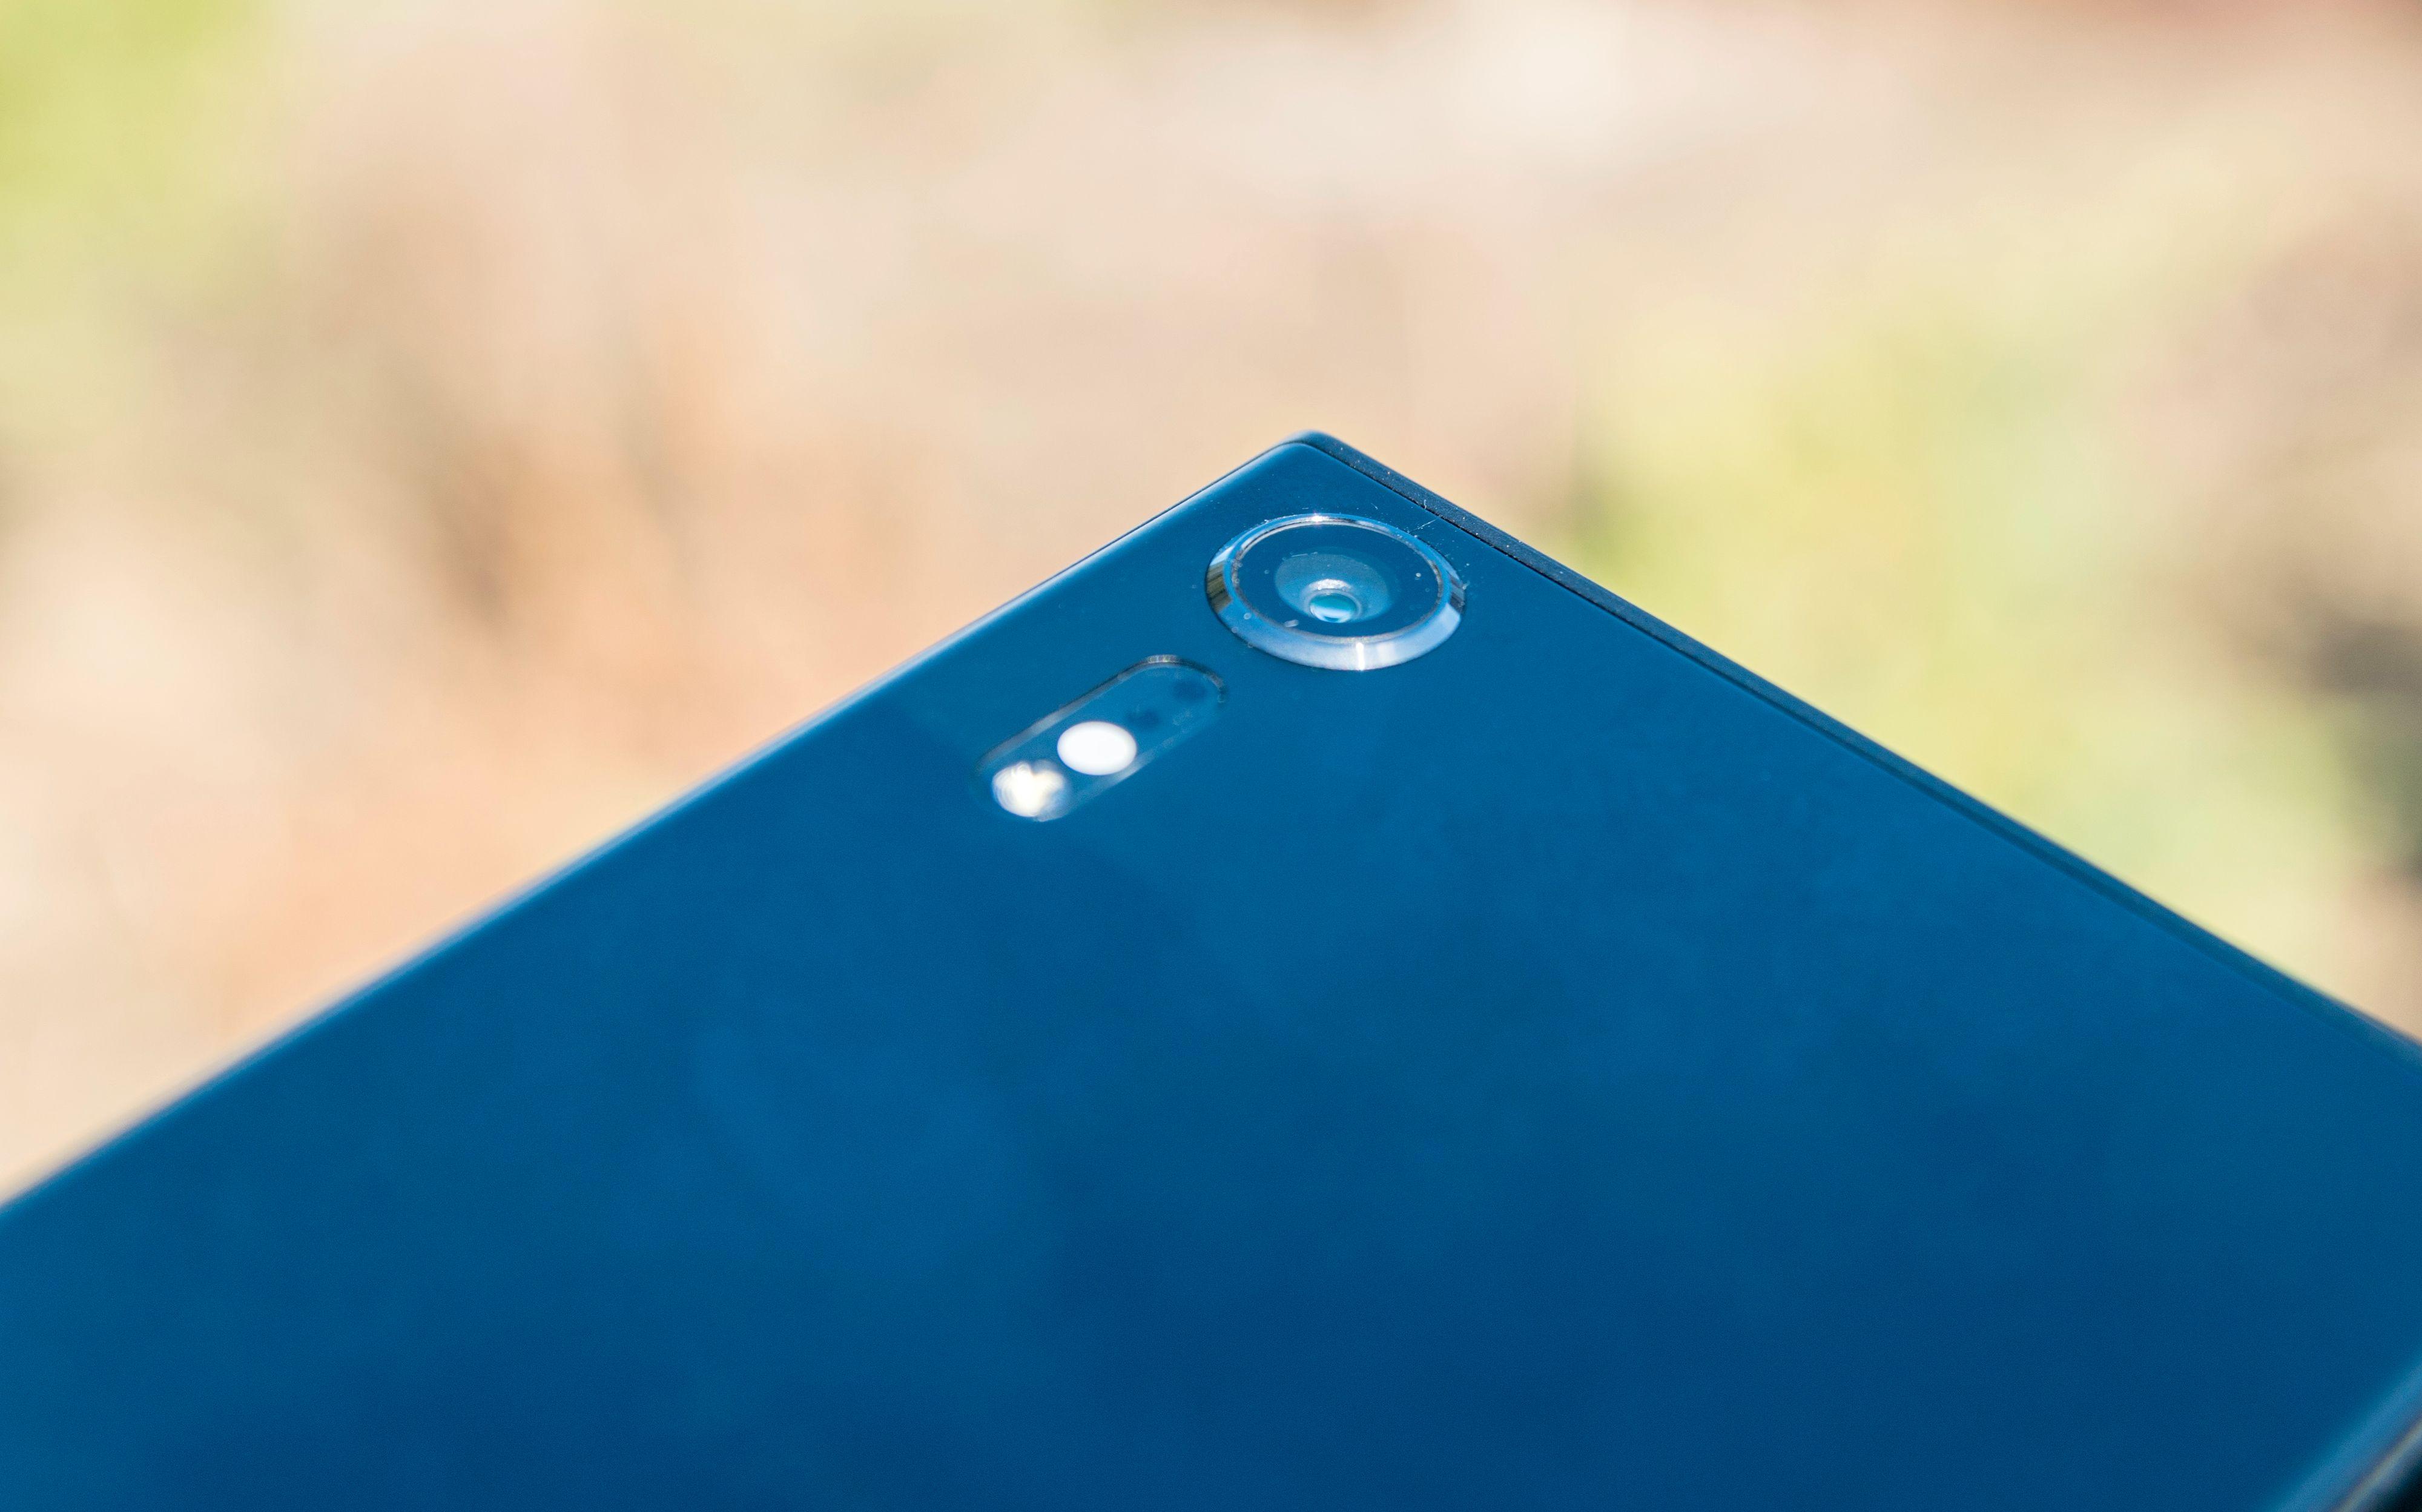 Den synligste forskjellen på Xperia XZ og Xperia XZs er den lille kameratuten som stikker ut på baksiden av den nye utgaven. Her får du både et bedre og et morsommere kamera å leke med. Bilde: Finn Jarle Kvalheim, Tek.no